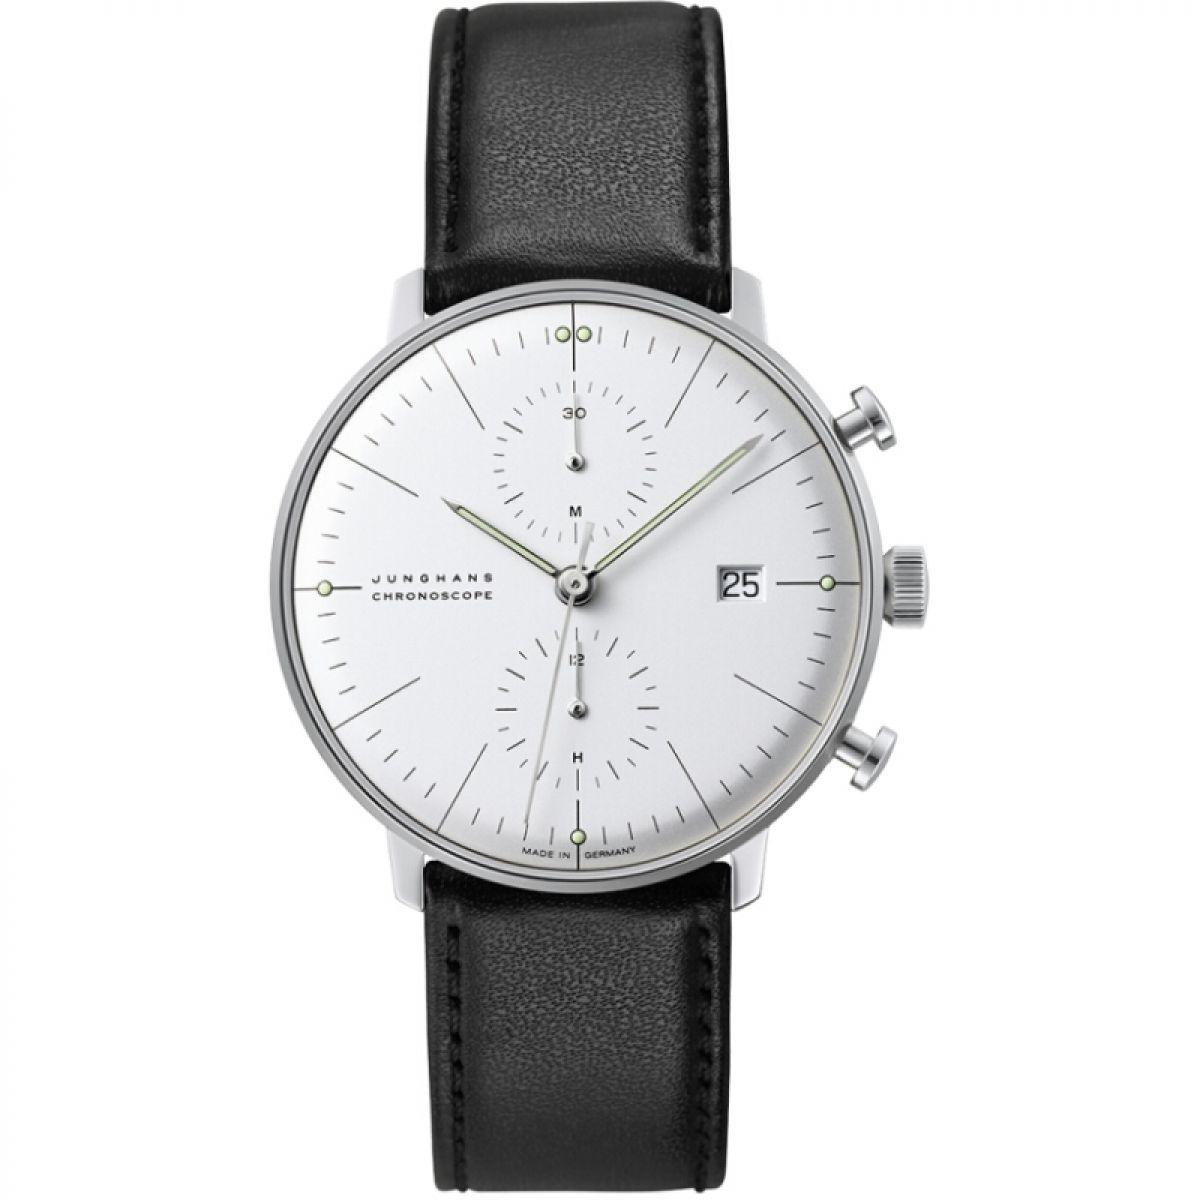 Herren Junghans Max Bill Chronoscope Chronograf Uhren (027